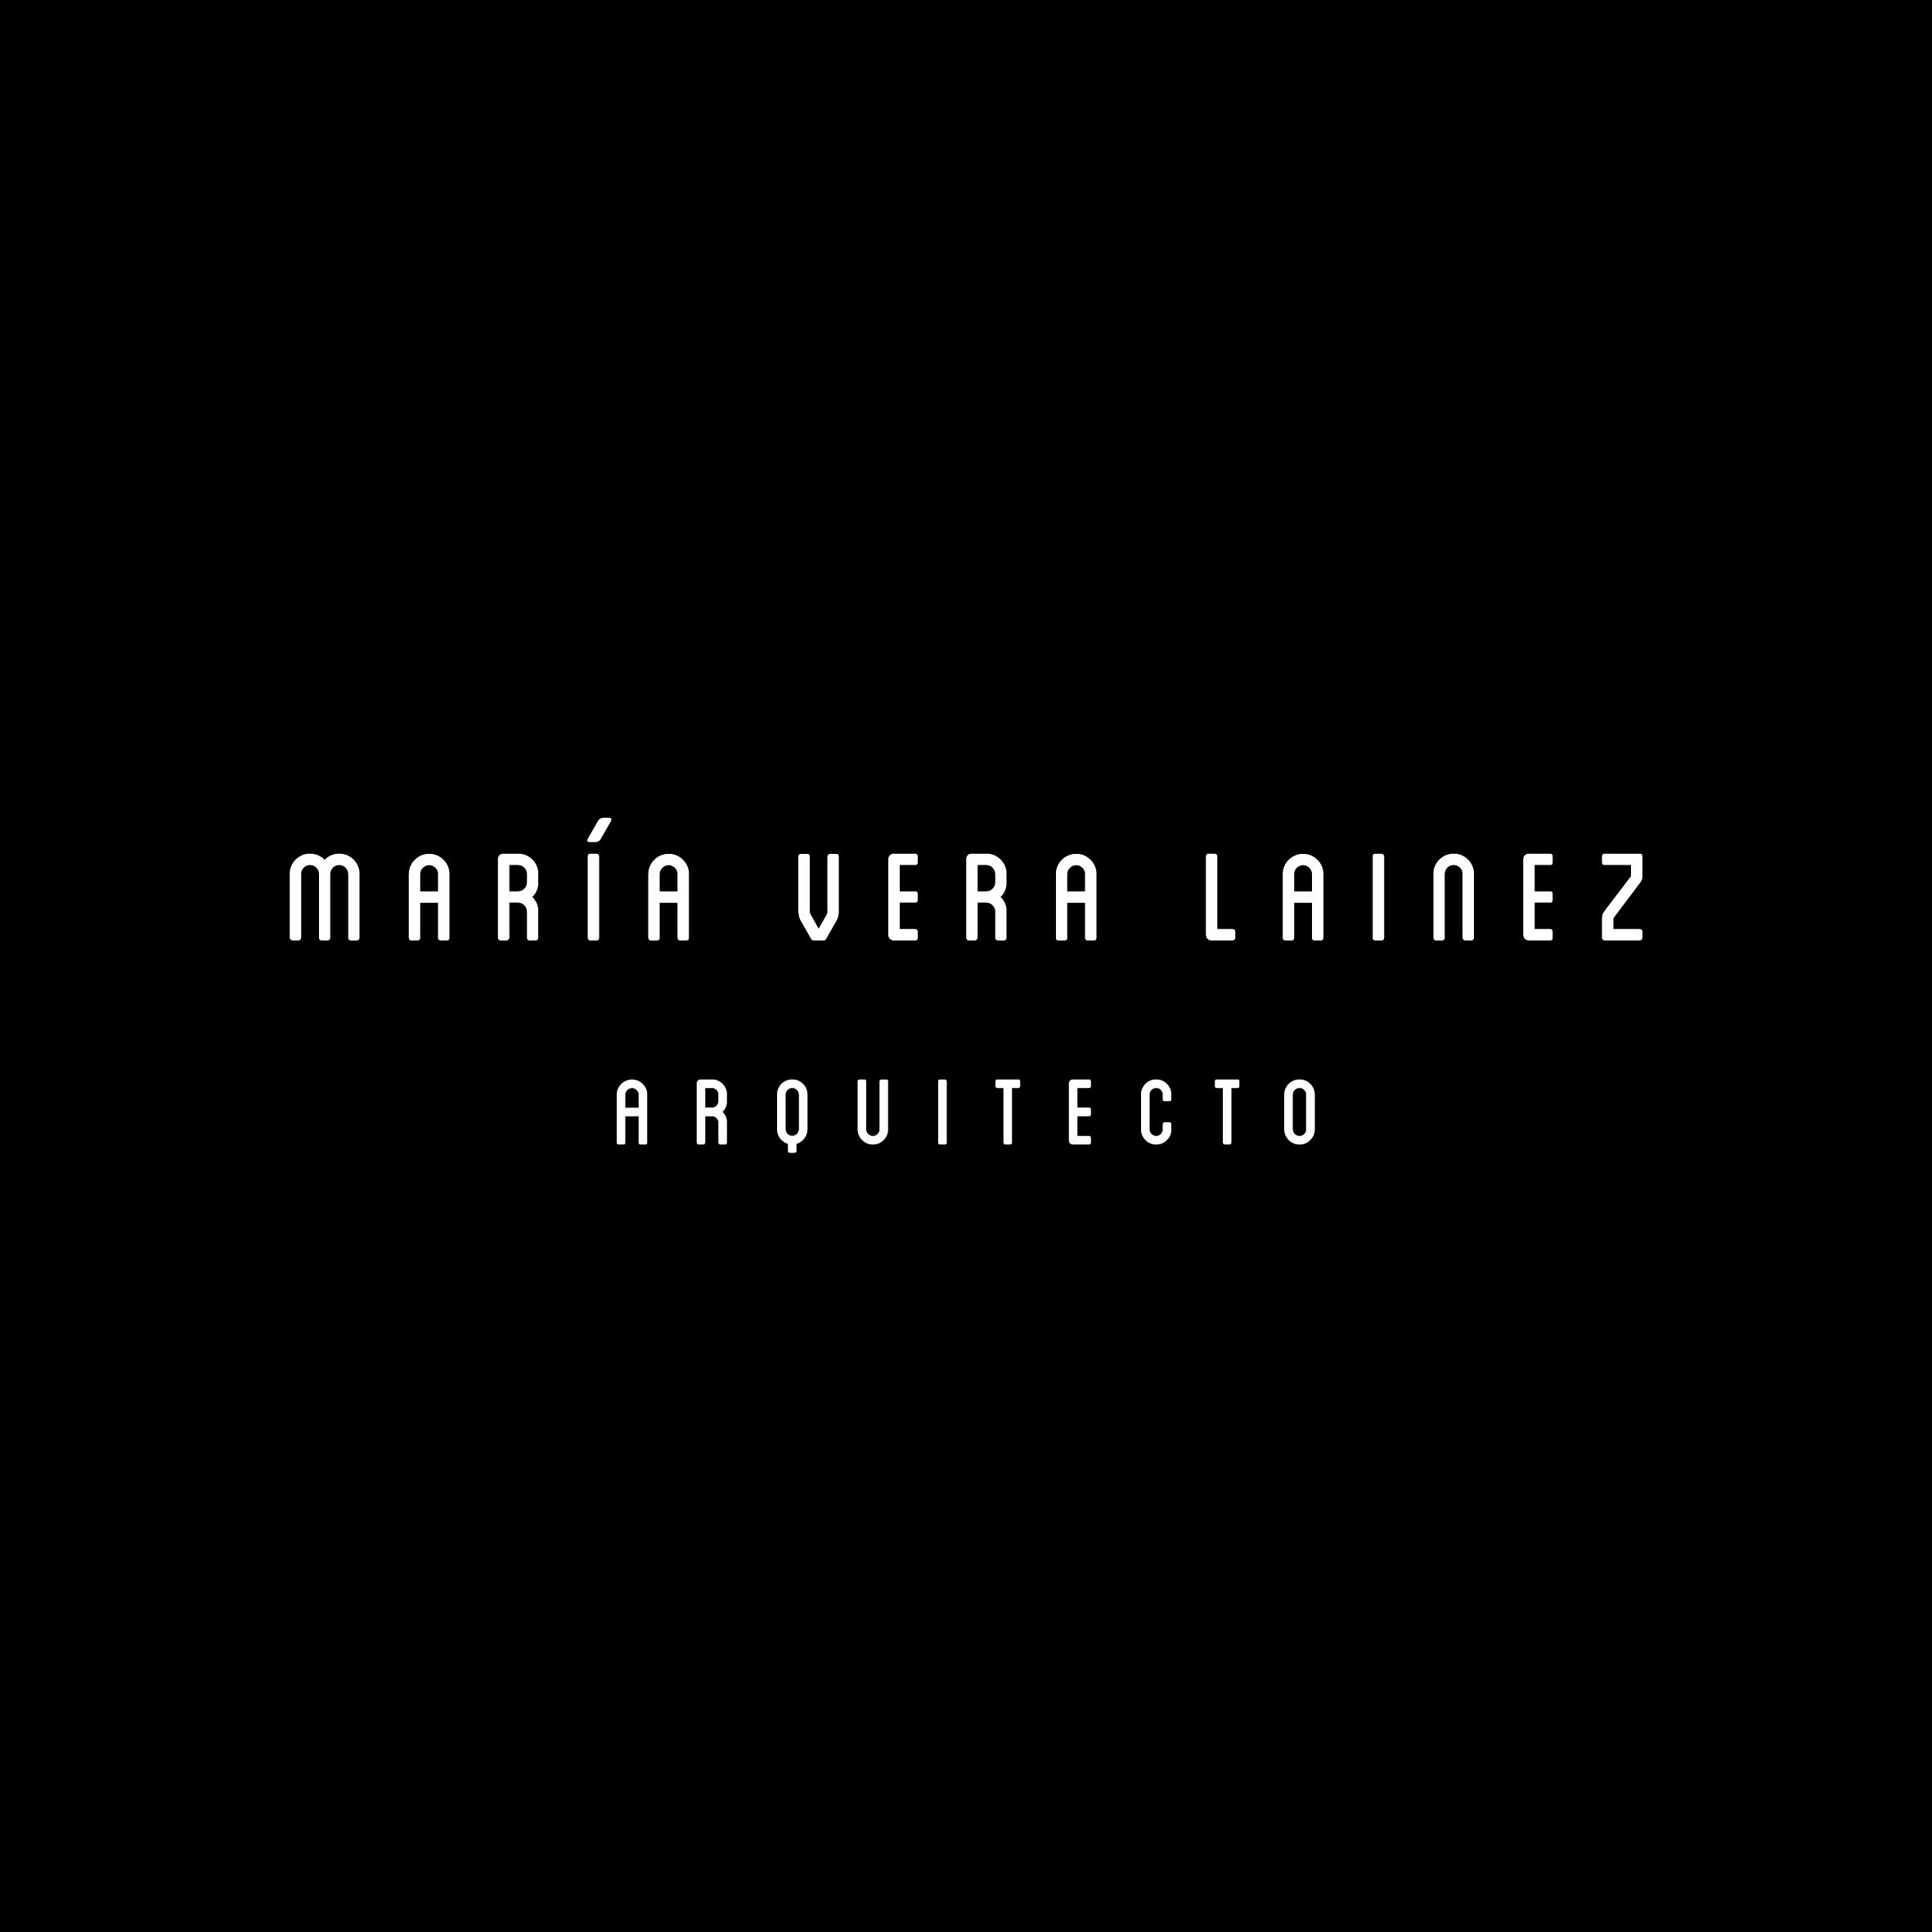 Maria Vera Lainez